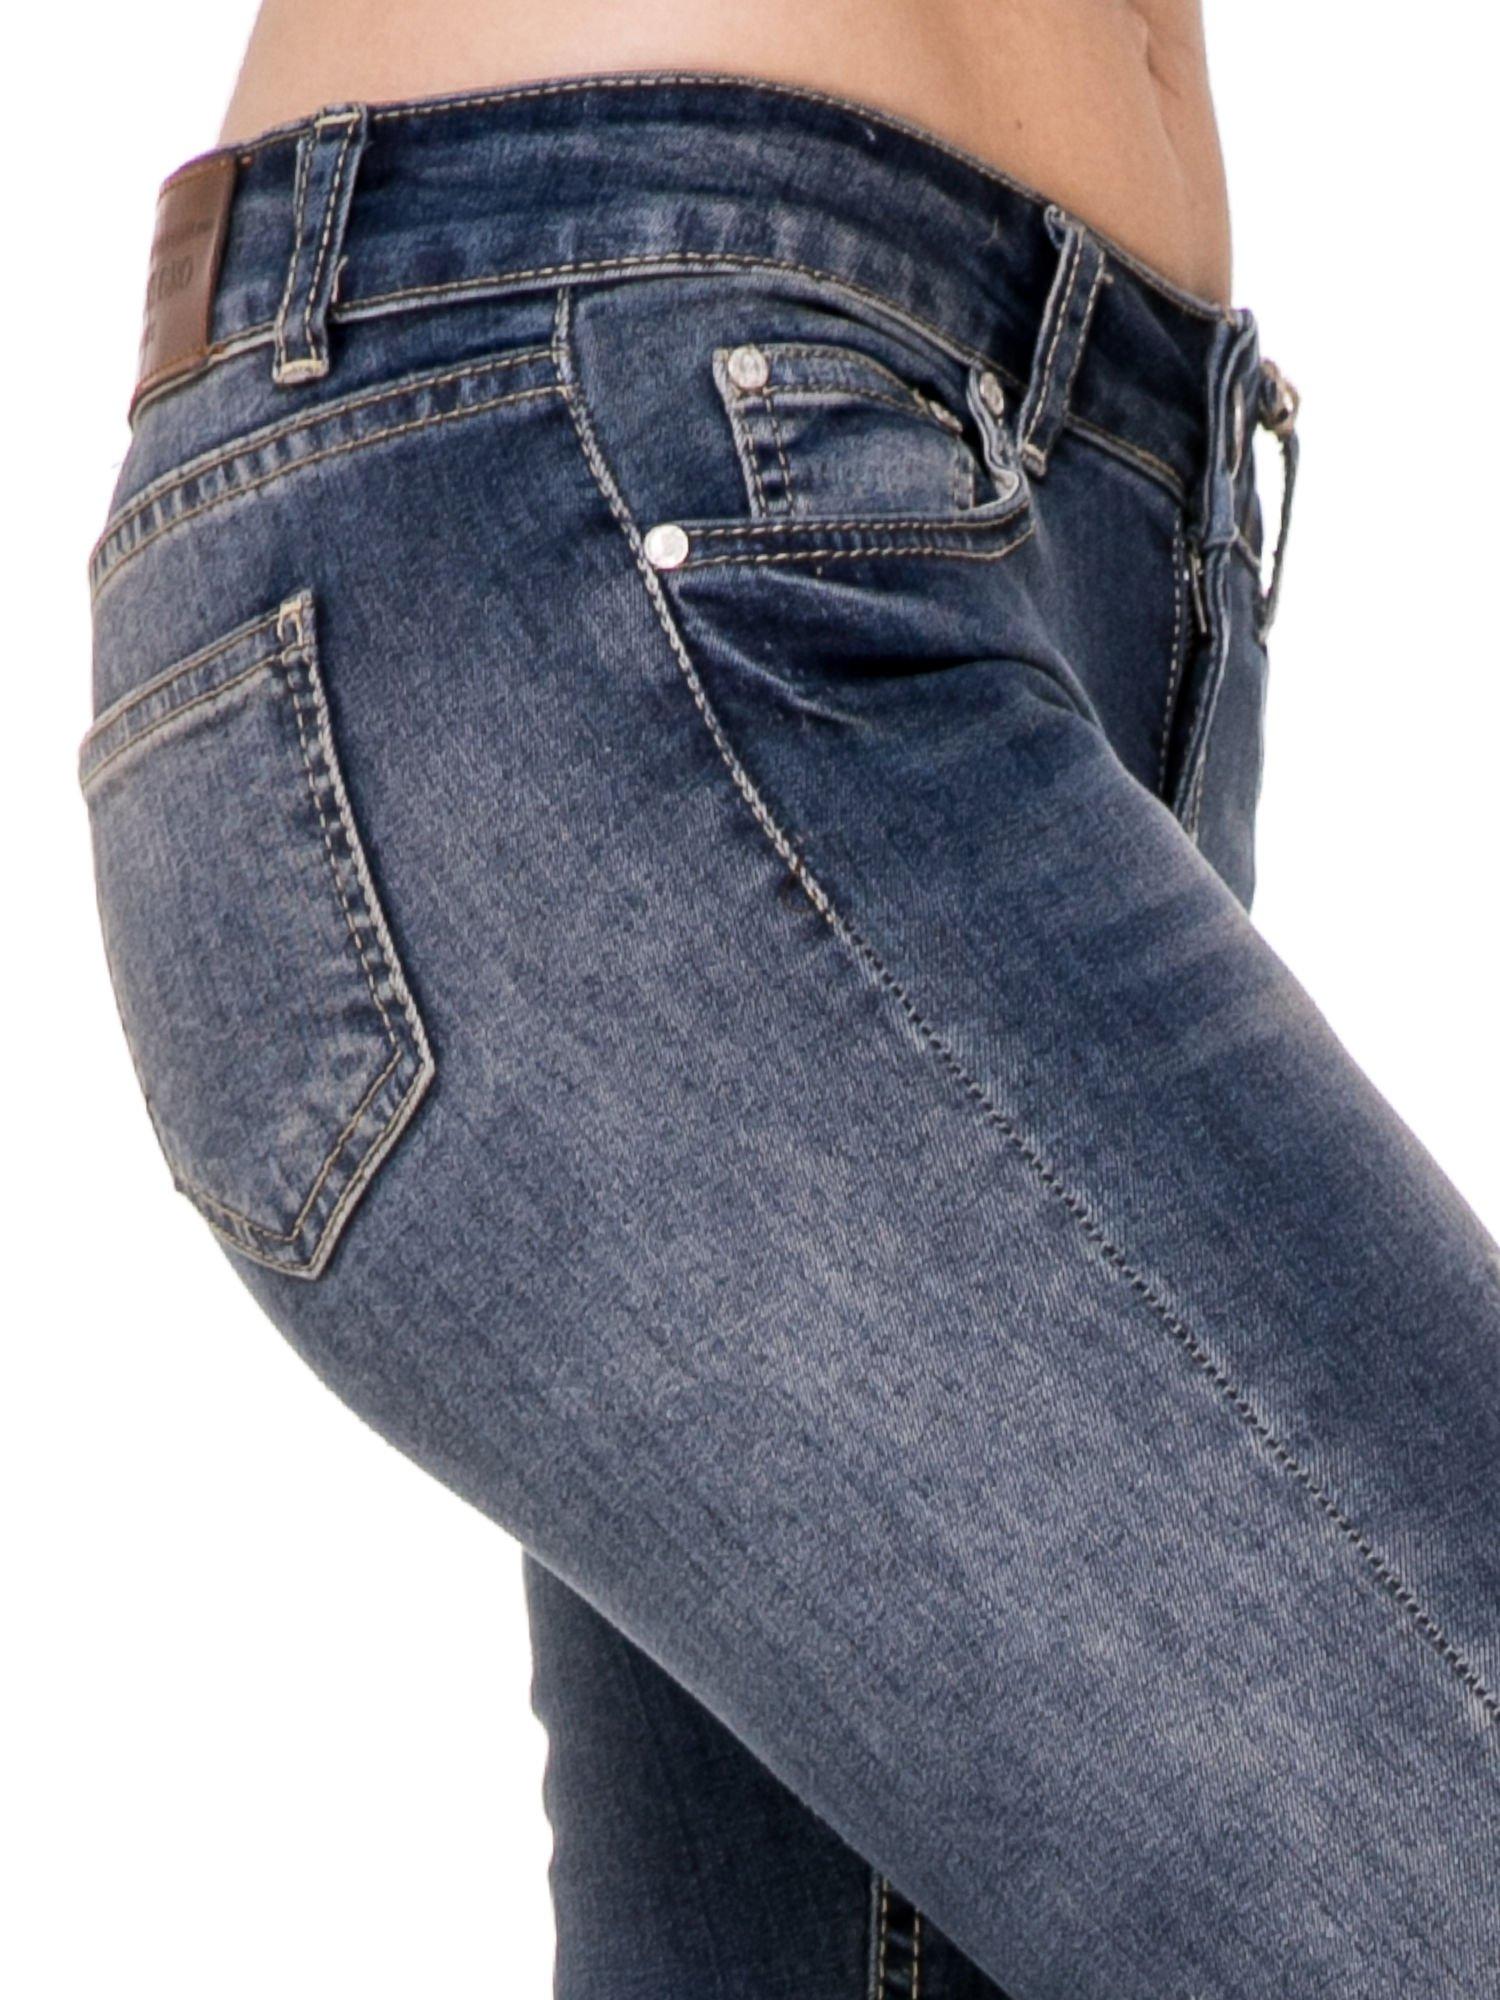 Ciemnoniebieskie rozjaśniane spodnie jeansowe rurki z przetarciami                                  zdj.                                  6